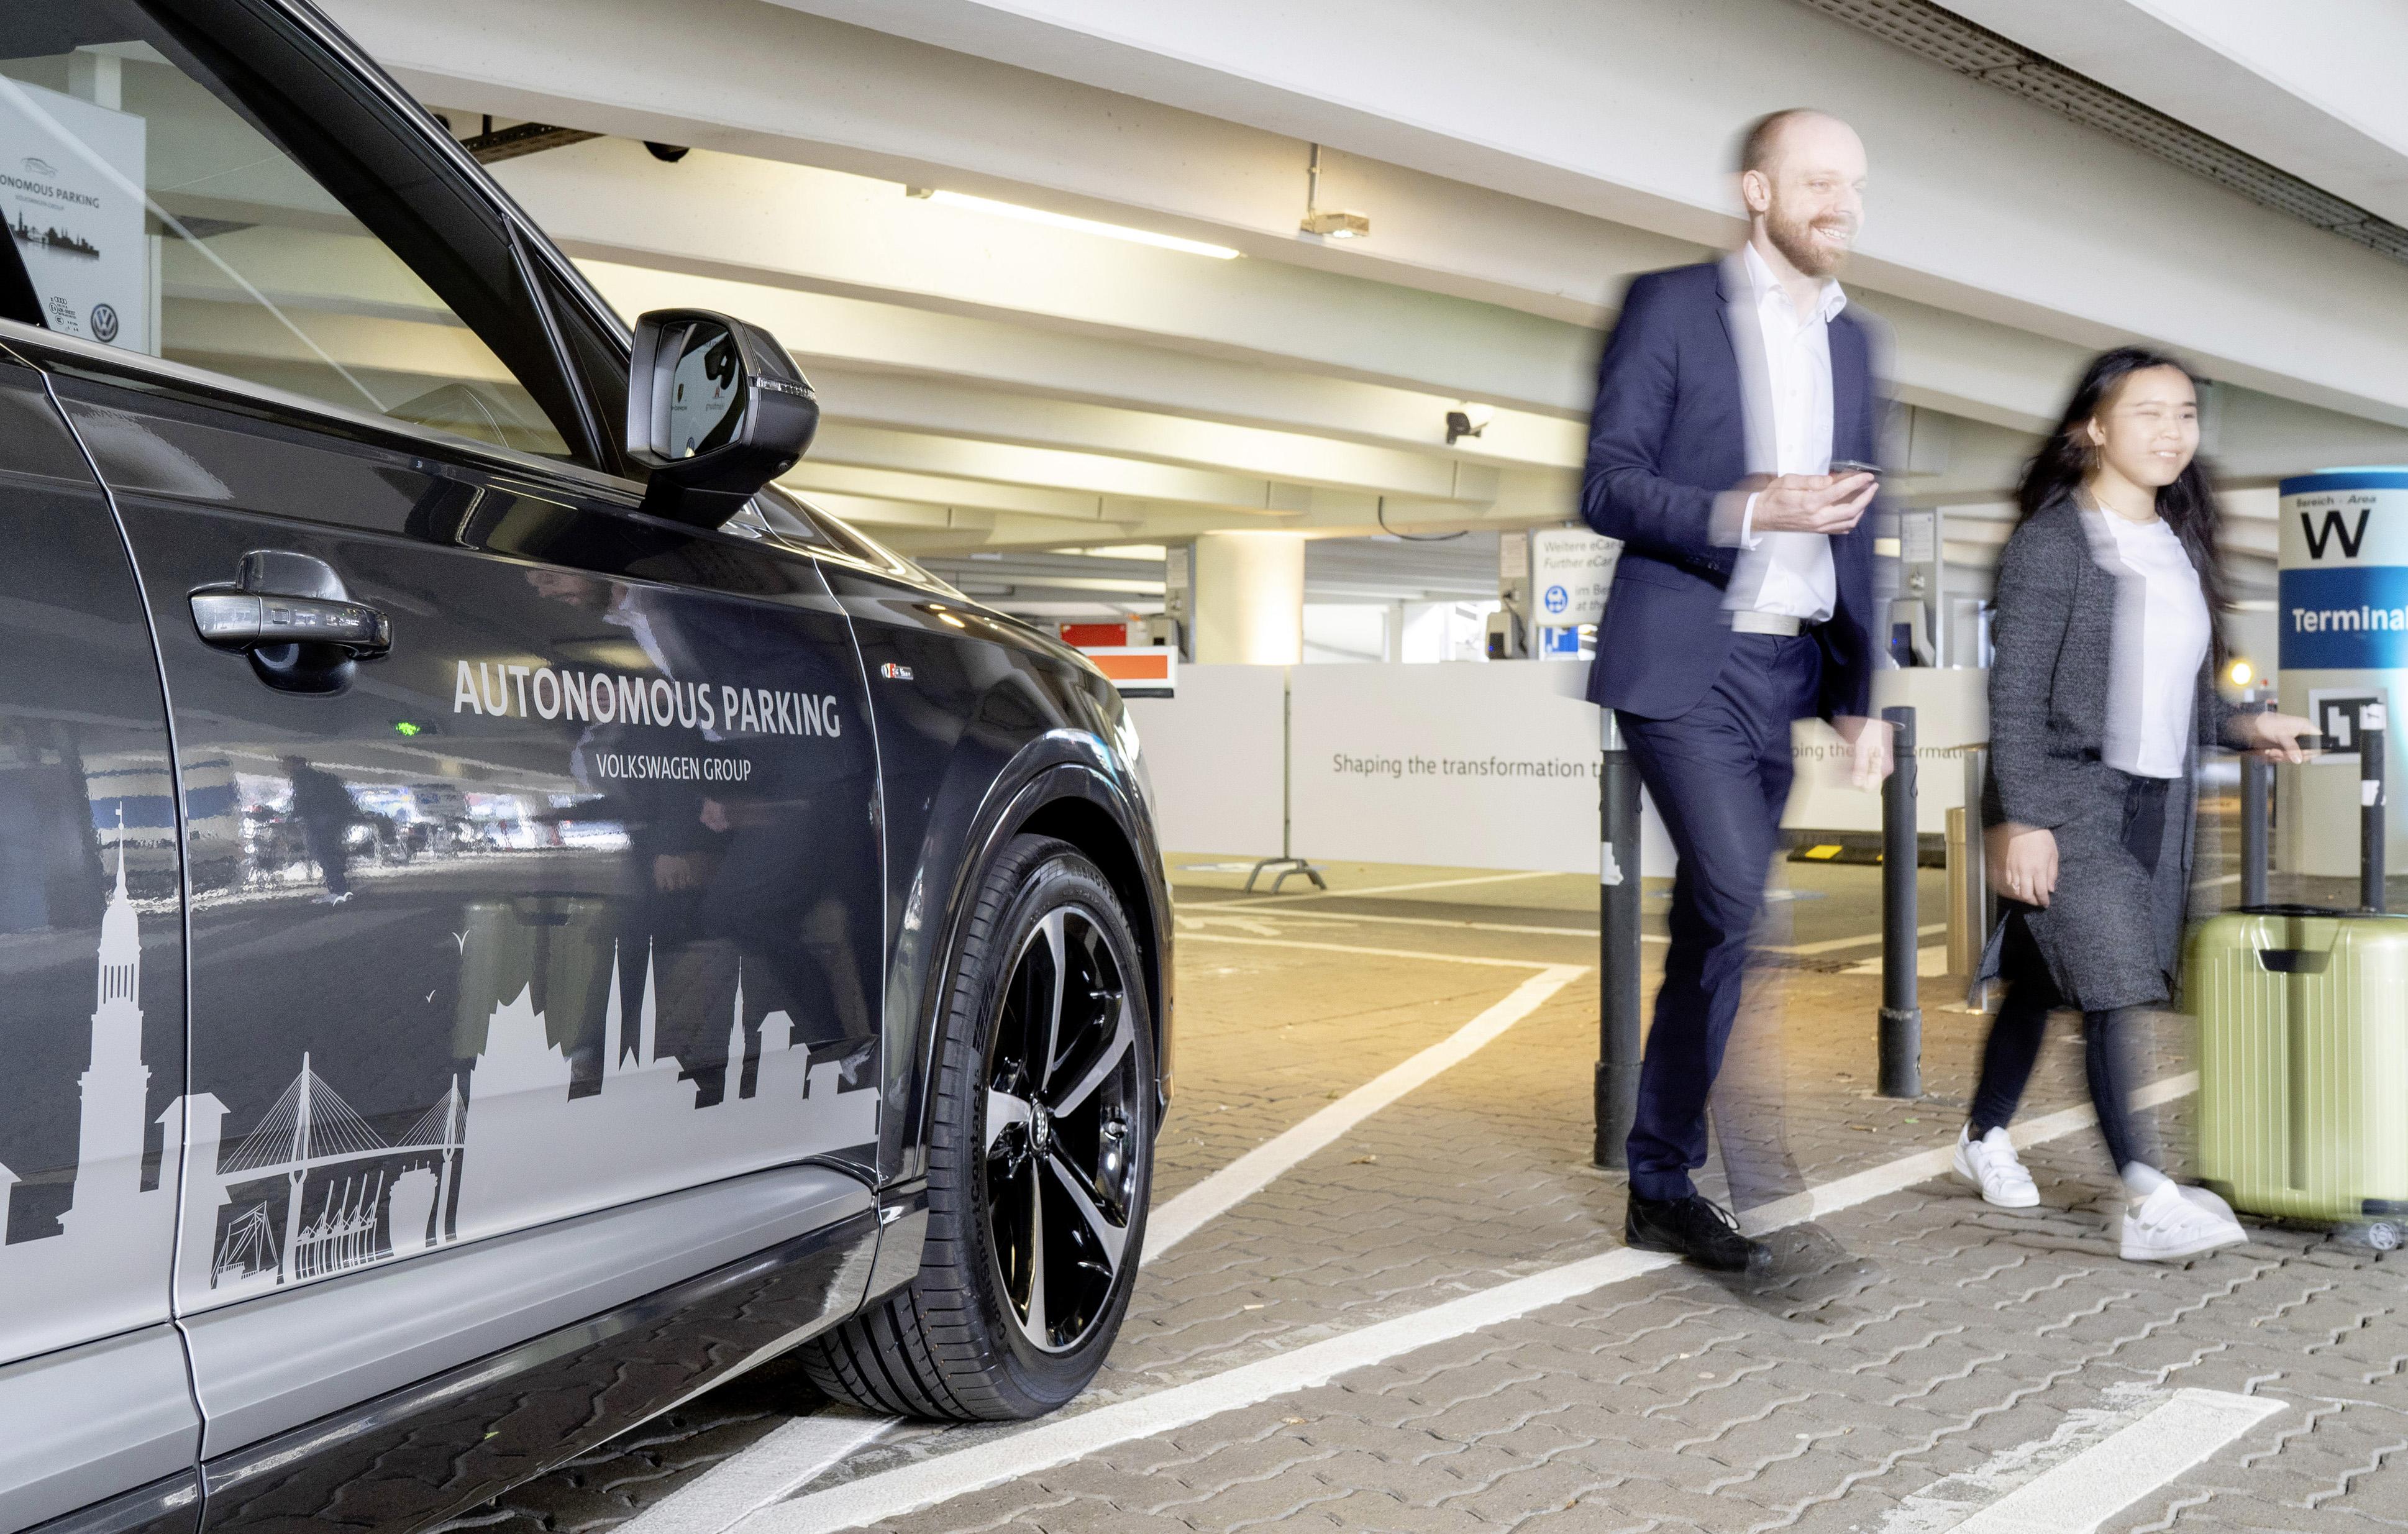 autonomous parking